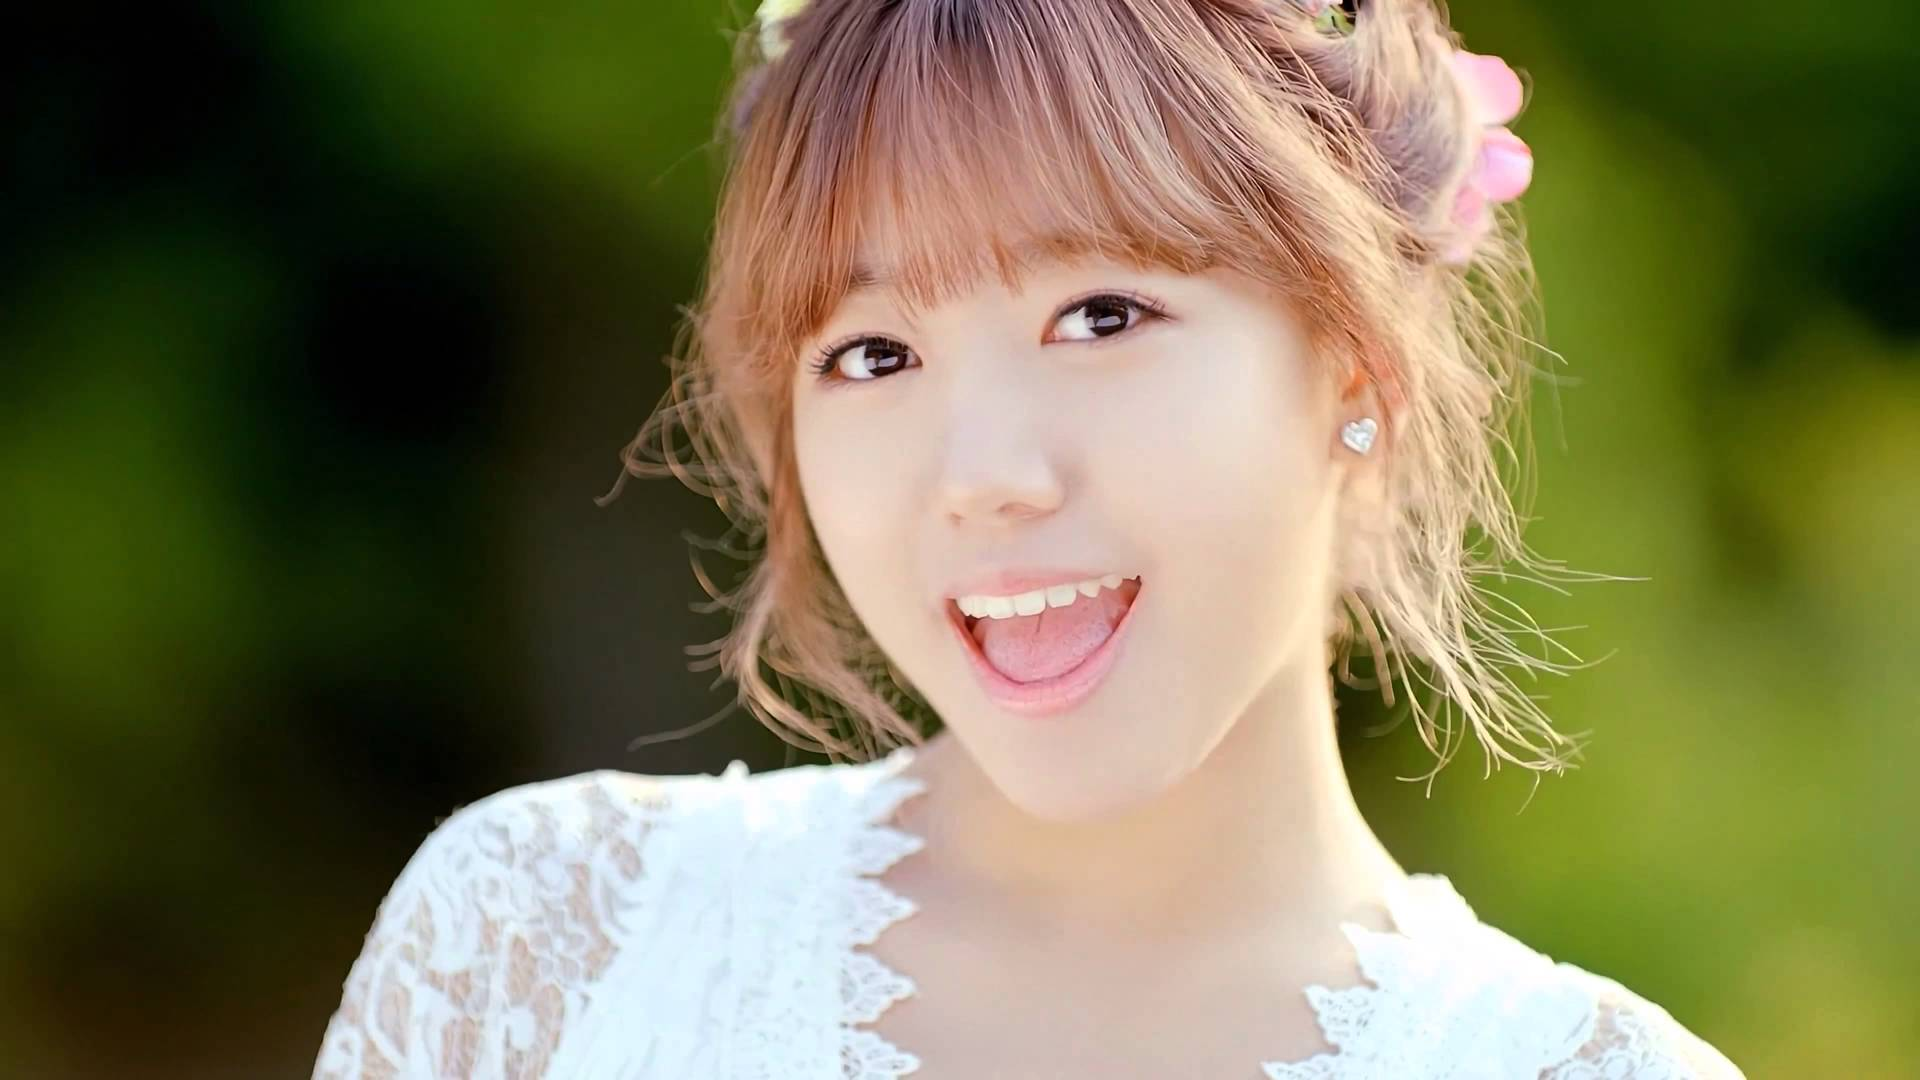 بالصور خلفيات بنات كوريات , اجمل صور البنات الكوريات 2019 2854 11